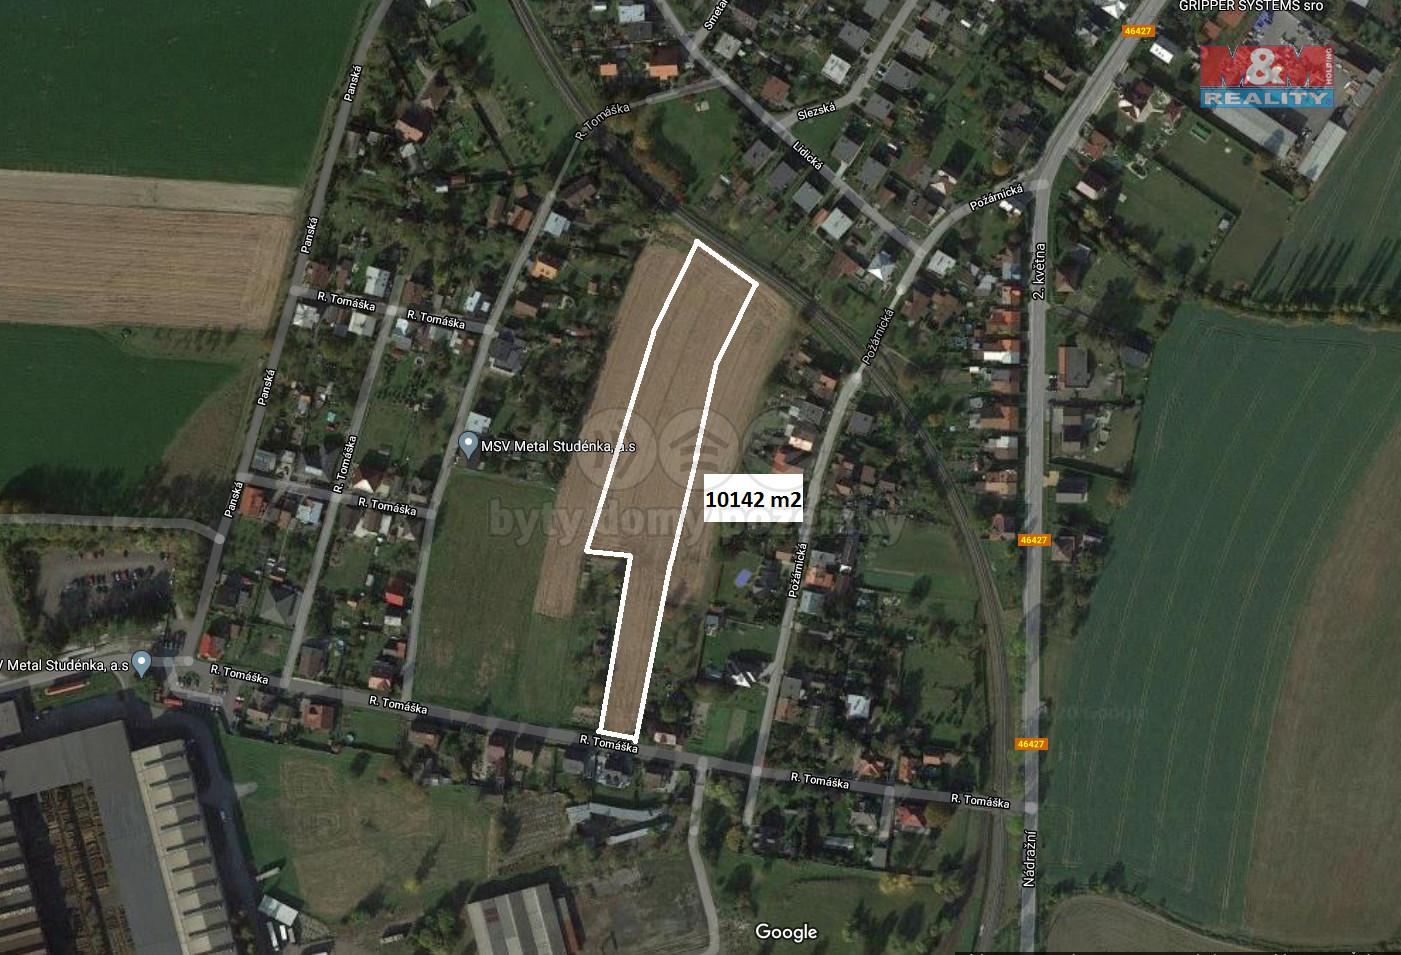 Prodej pozemku k bydlení, 10142 m², Studénka, ul. R. Tomáška